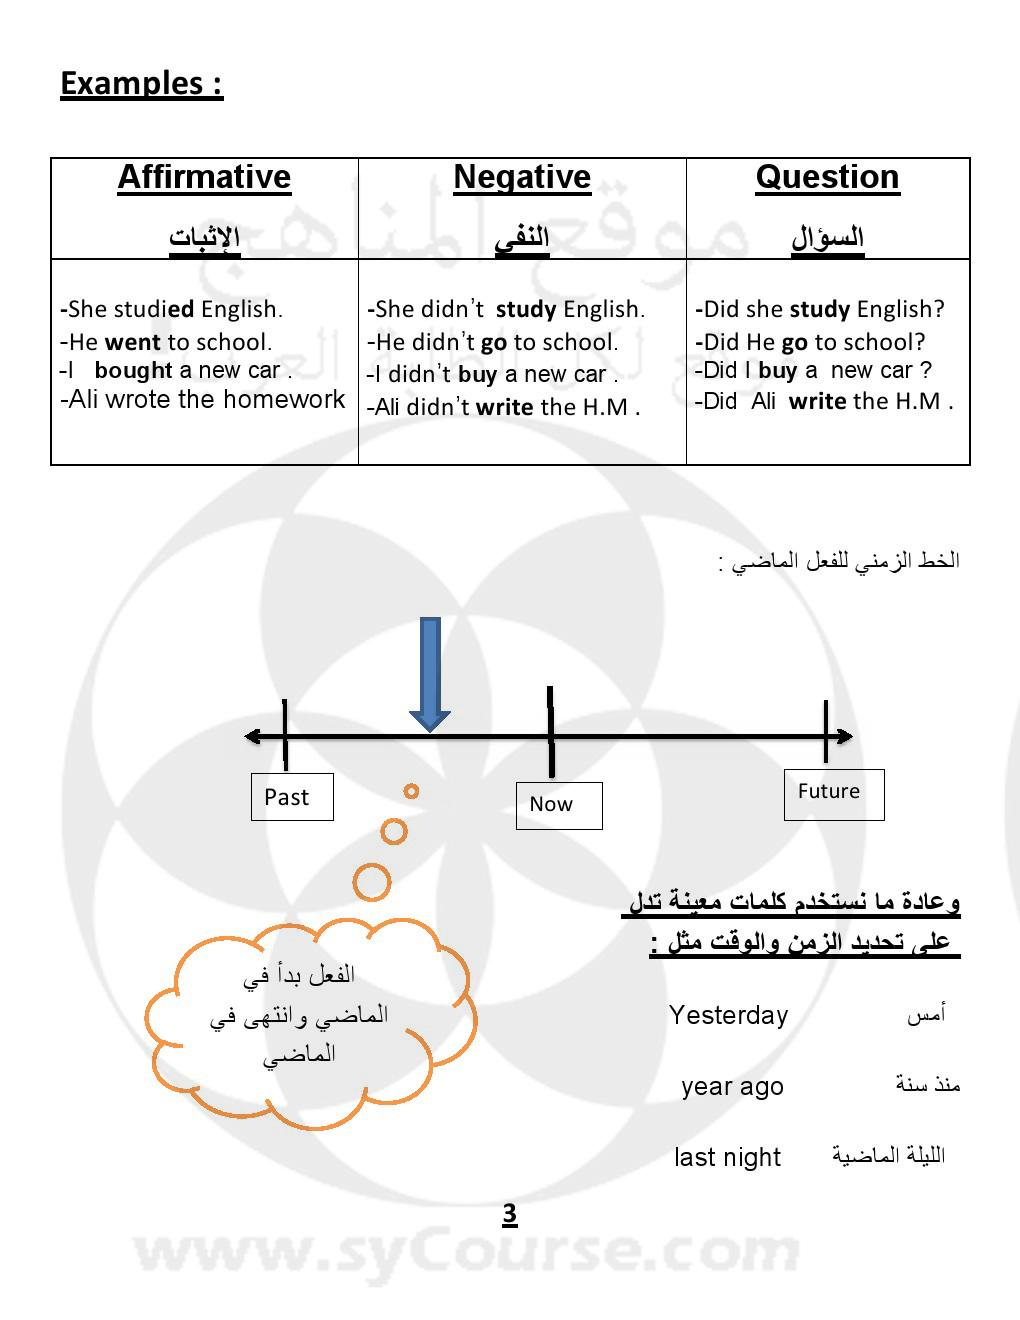 الصف الرابع, الفصل الثاني, لغة انكليزية, قواعد الوحدة